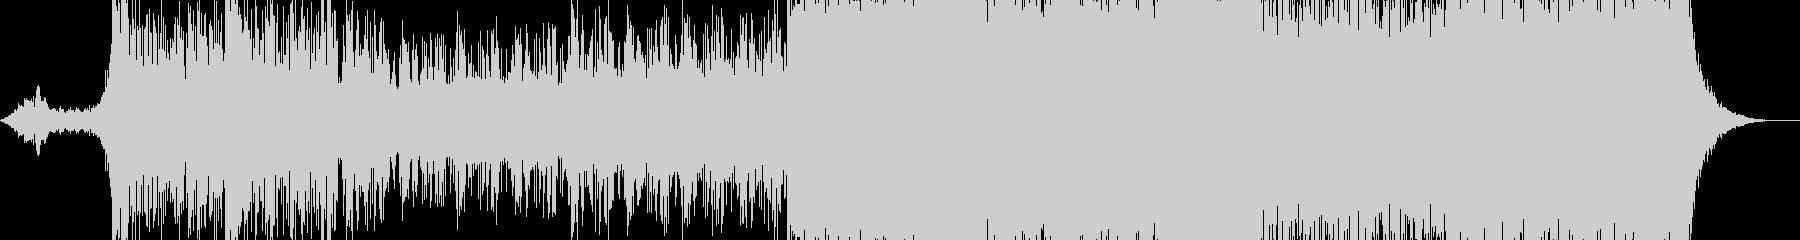 あやしい雰囲気のエスニックアンビエント曲の未再生の波形